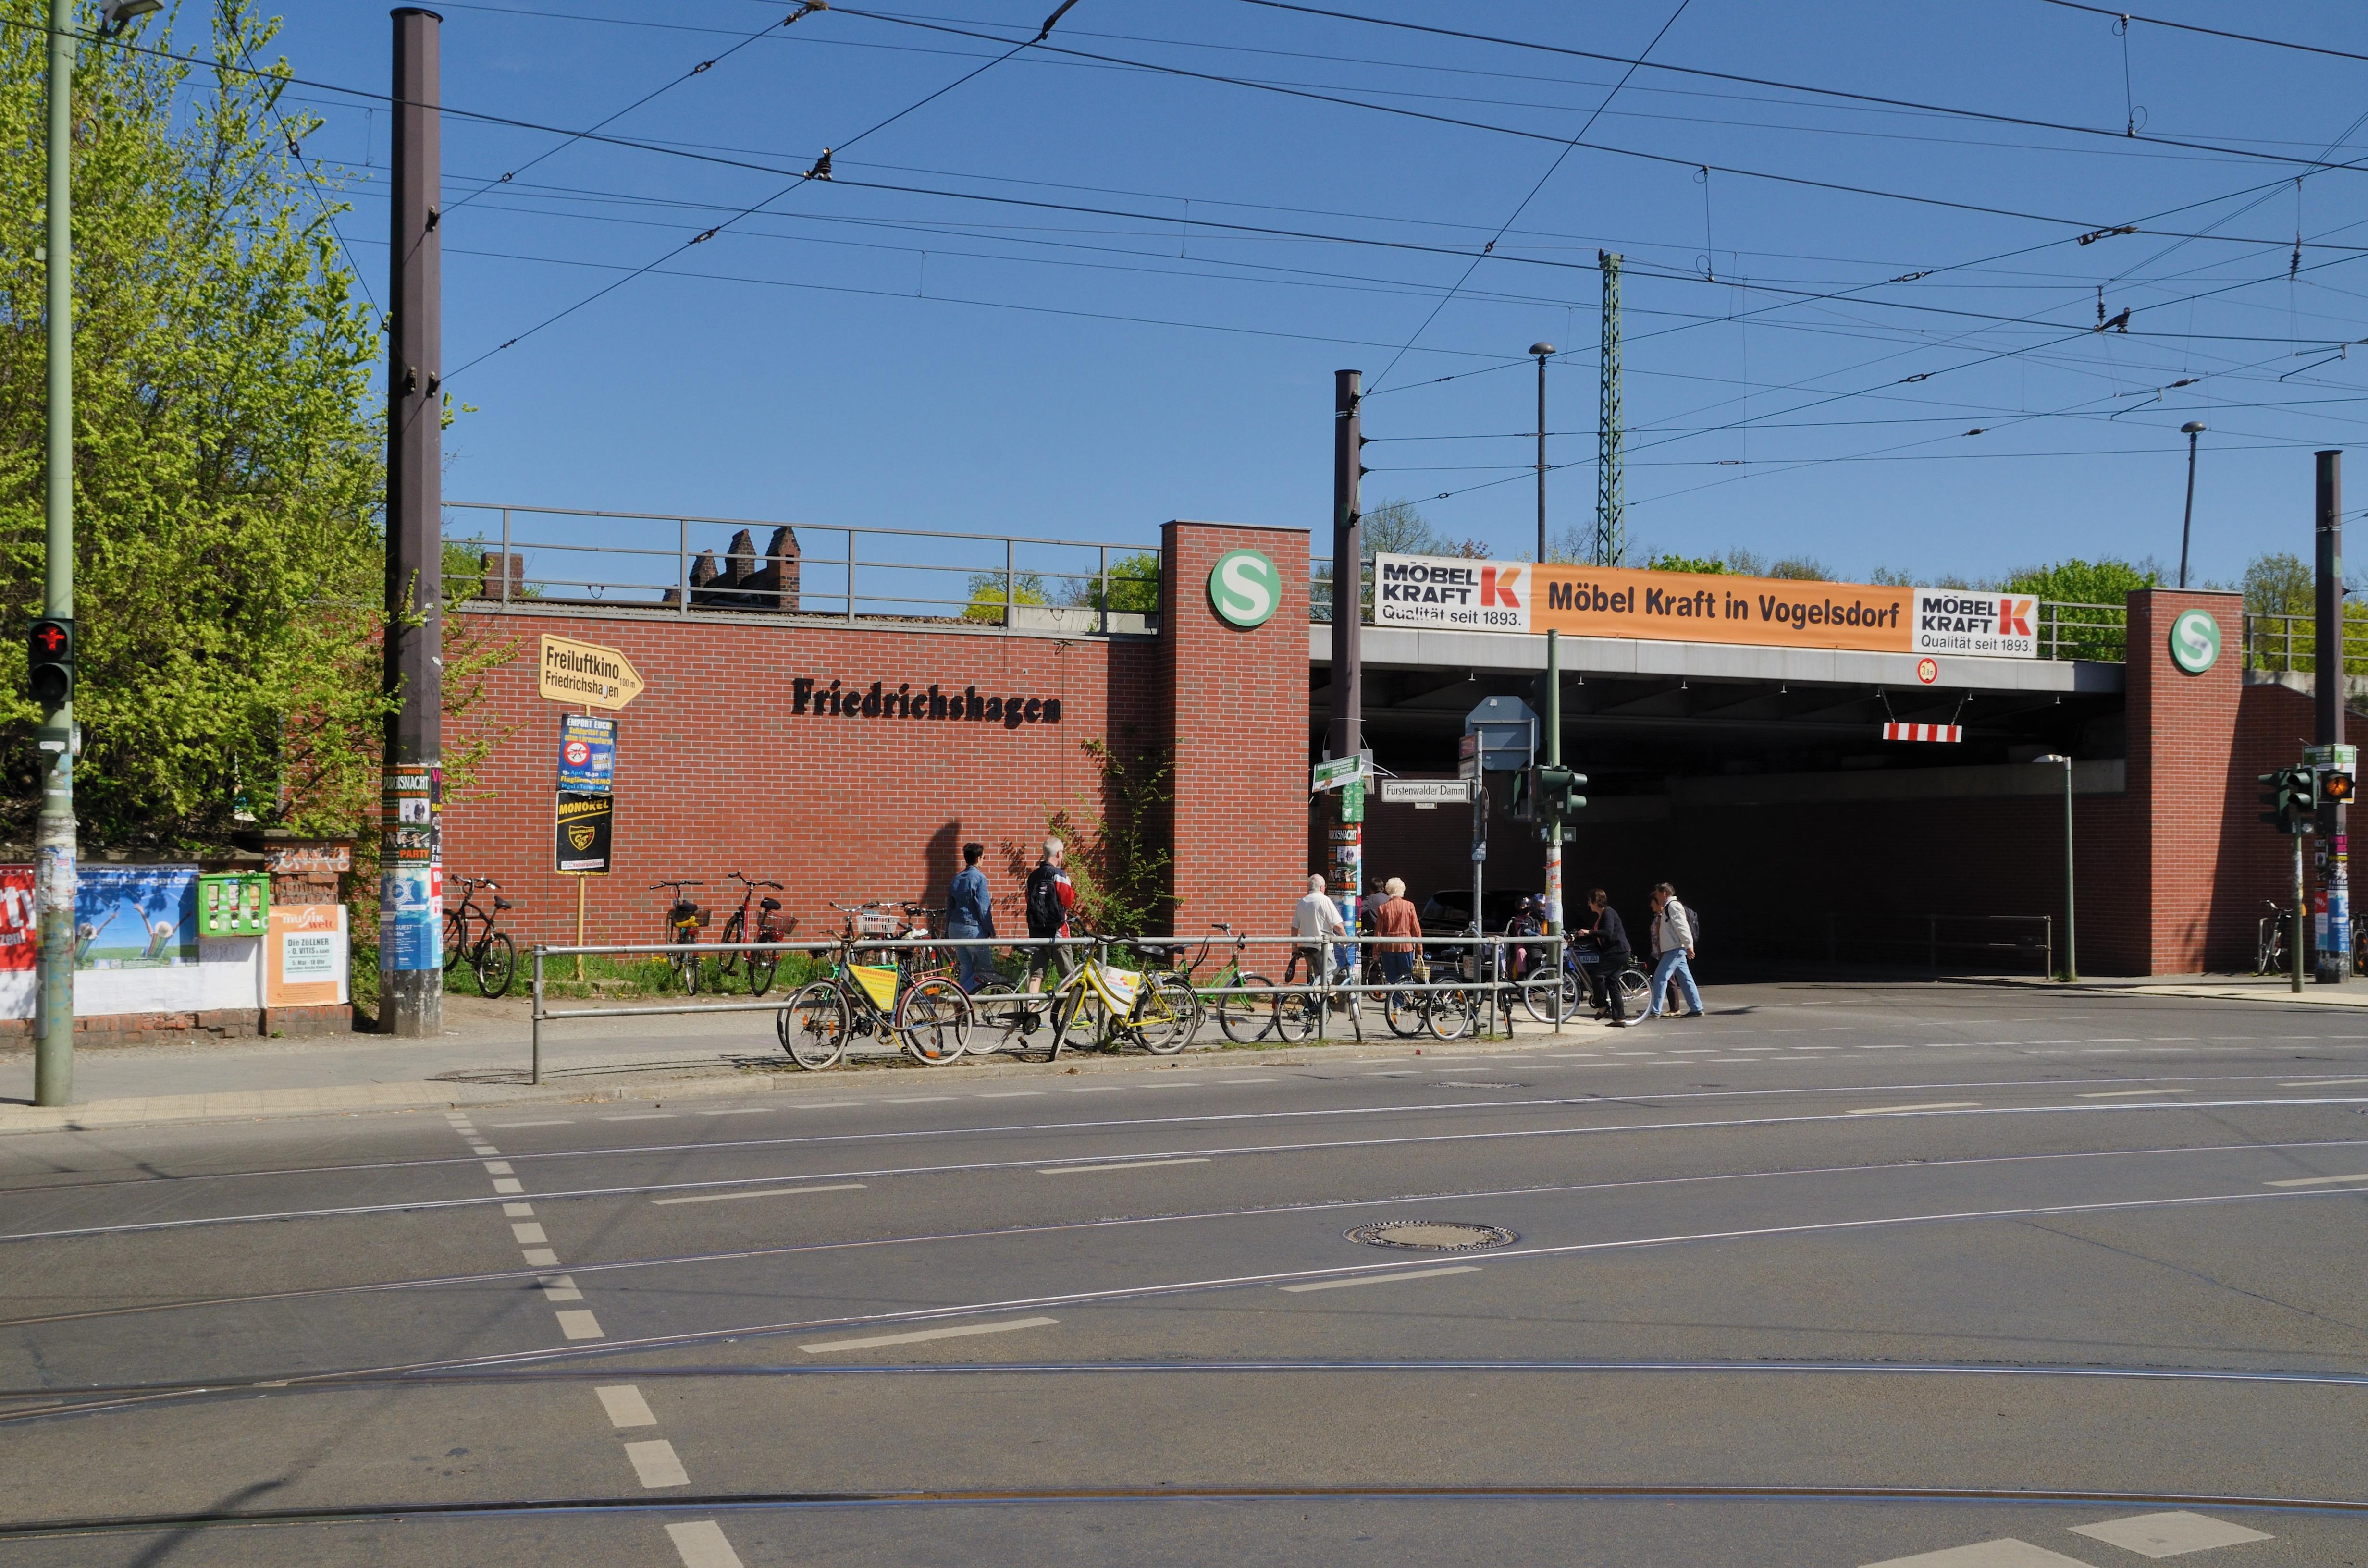 S Bahn Friedrichshagen